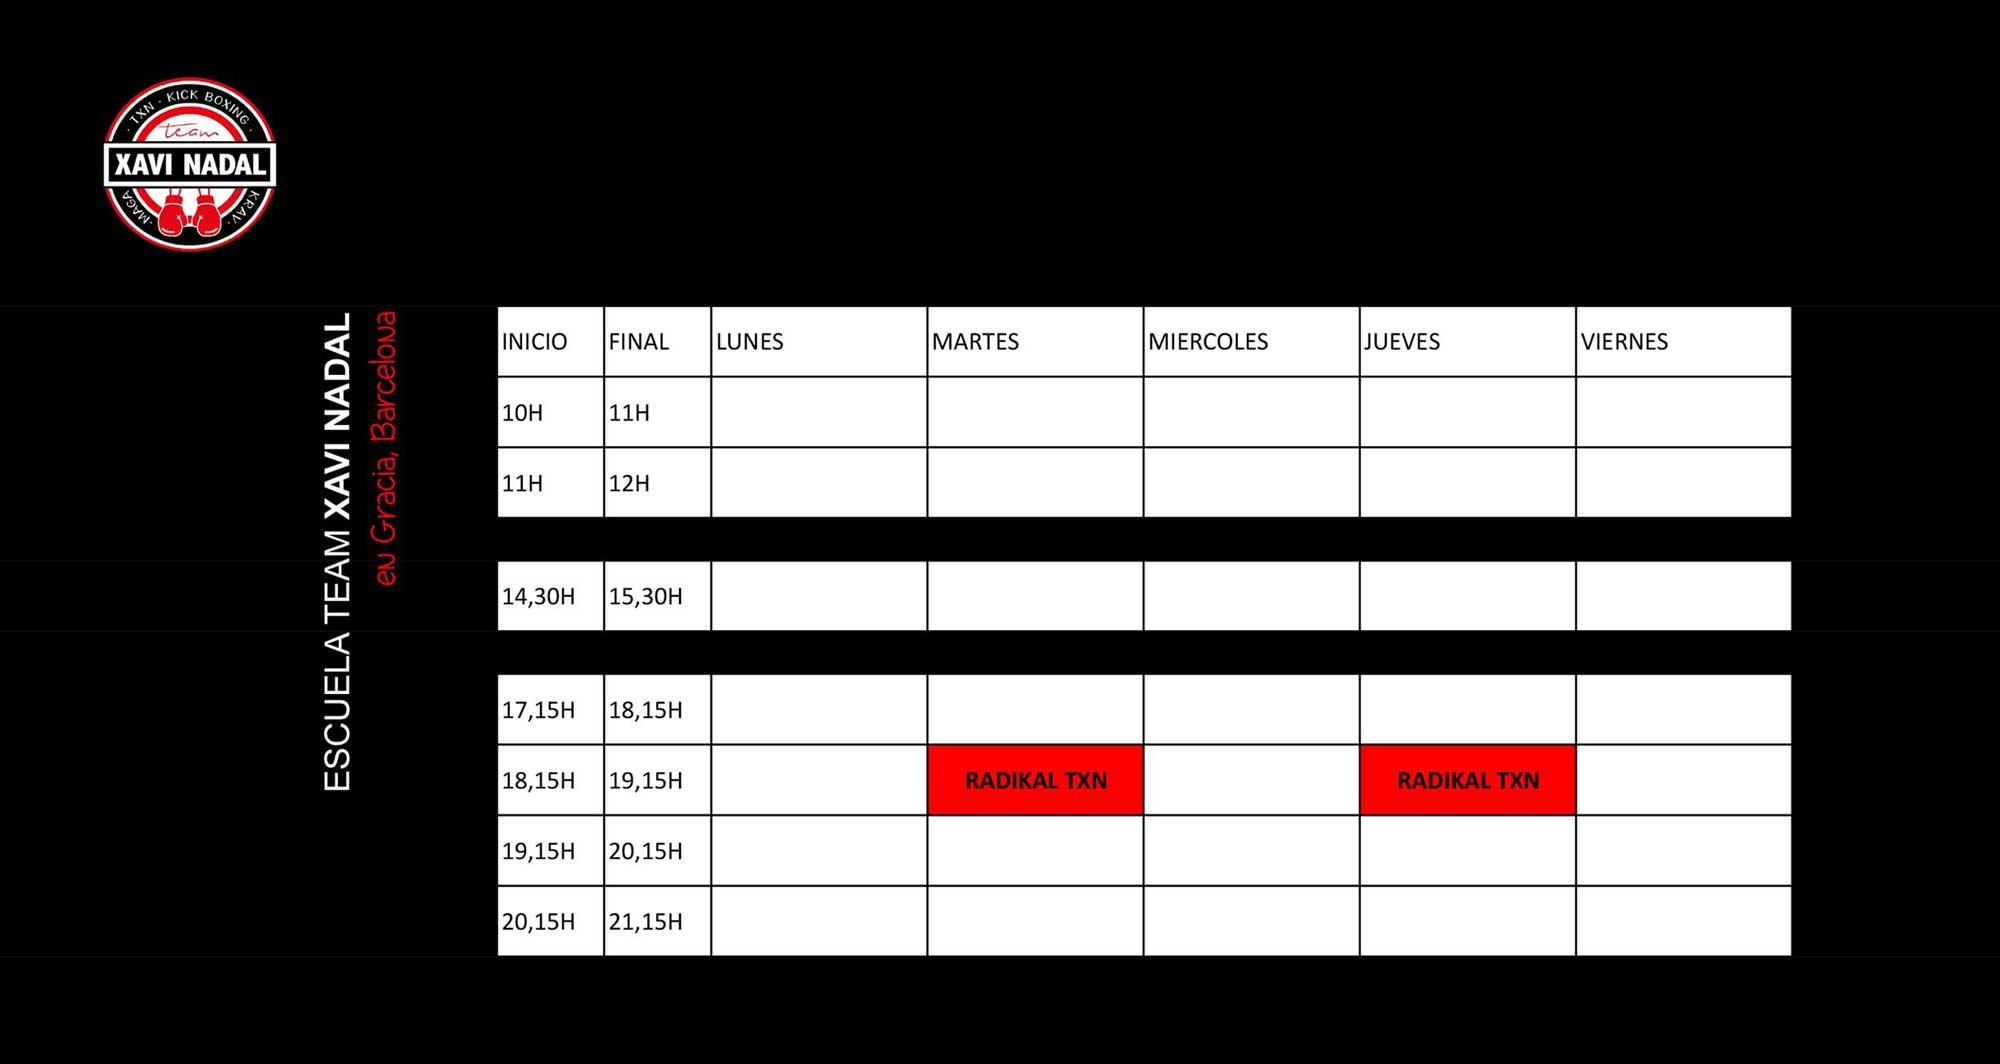 horario de clases de radikal txn